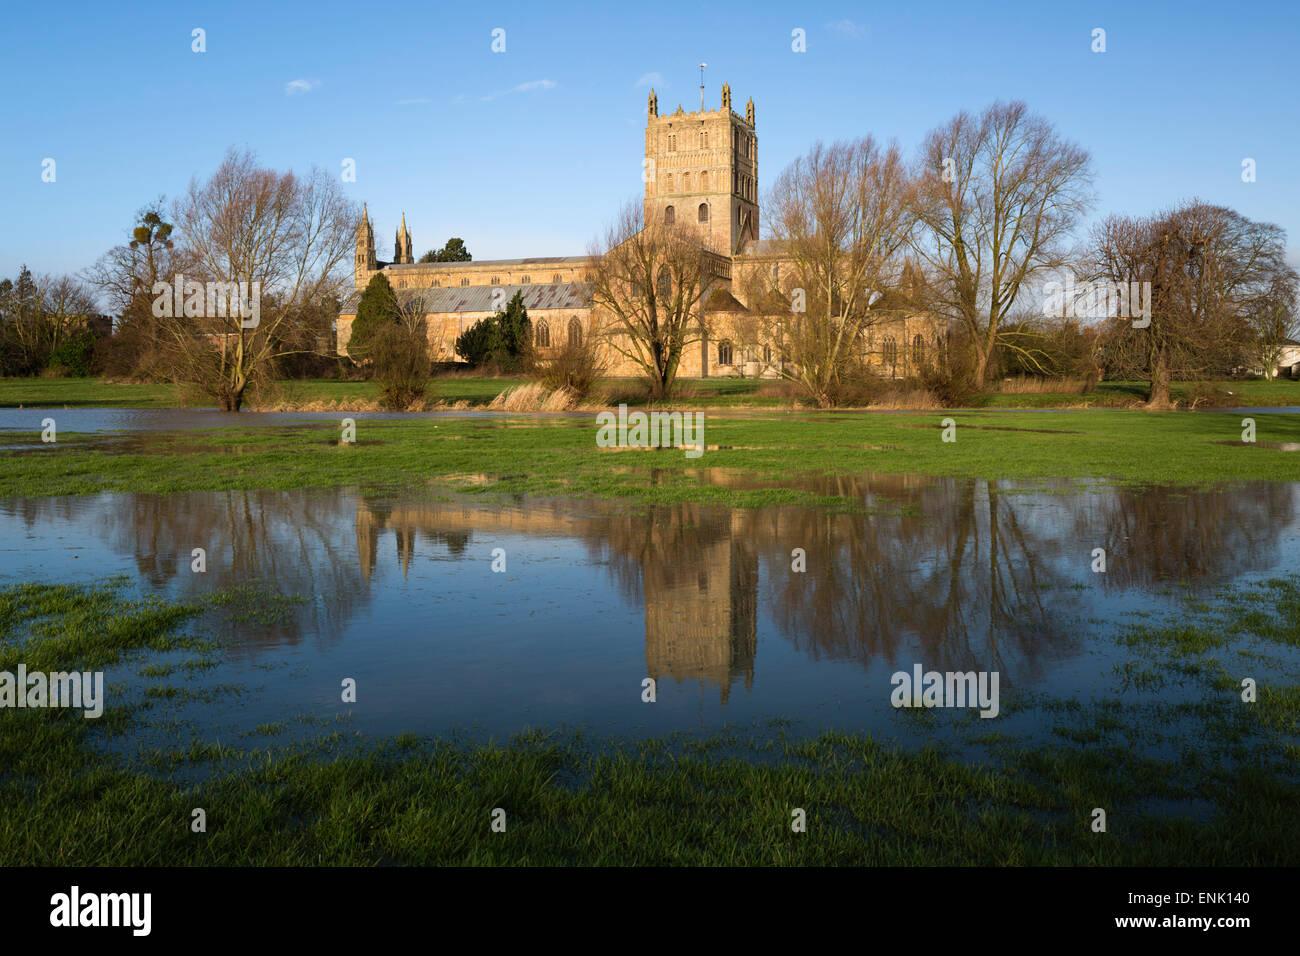 Tewkesbury Abbey spiegelt sich in überschwemmten Wiese, Tewkesbury, Gloucestershire, England, Vereinigtes Königreich, Stockbild